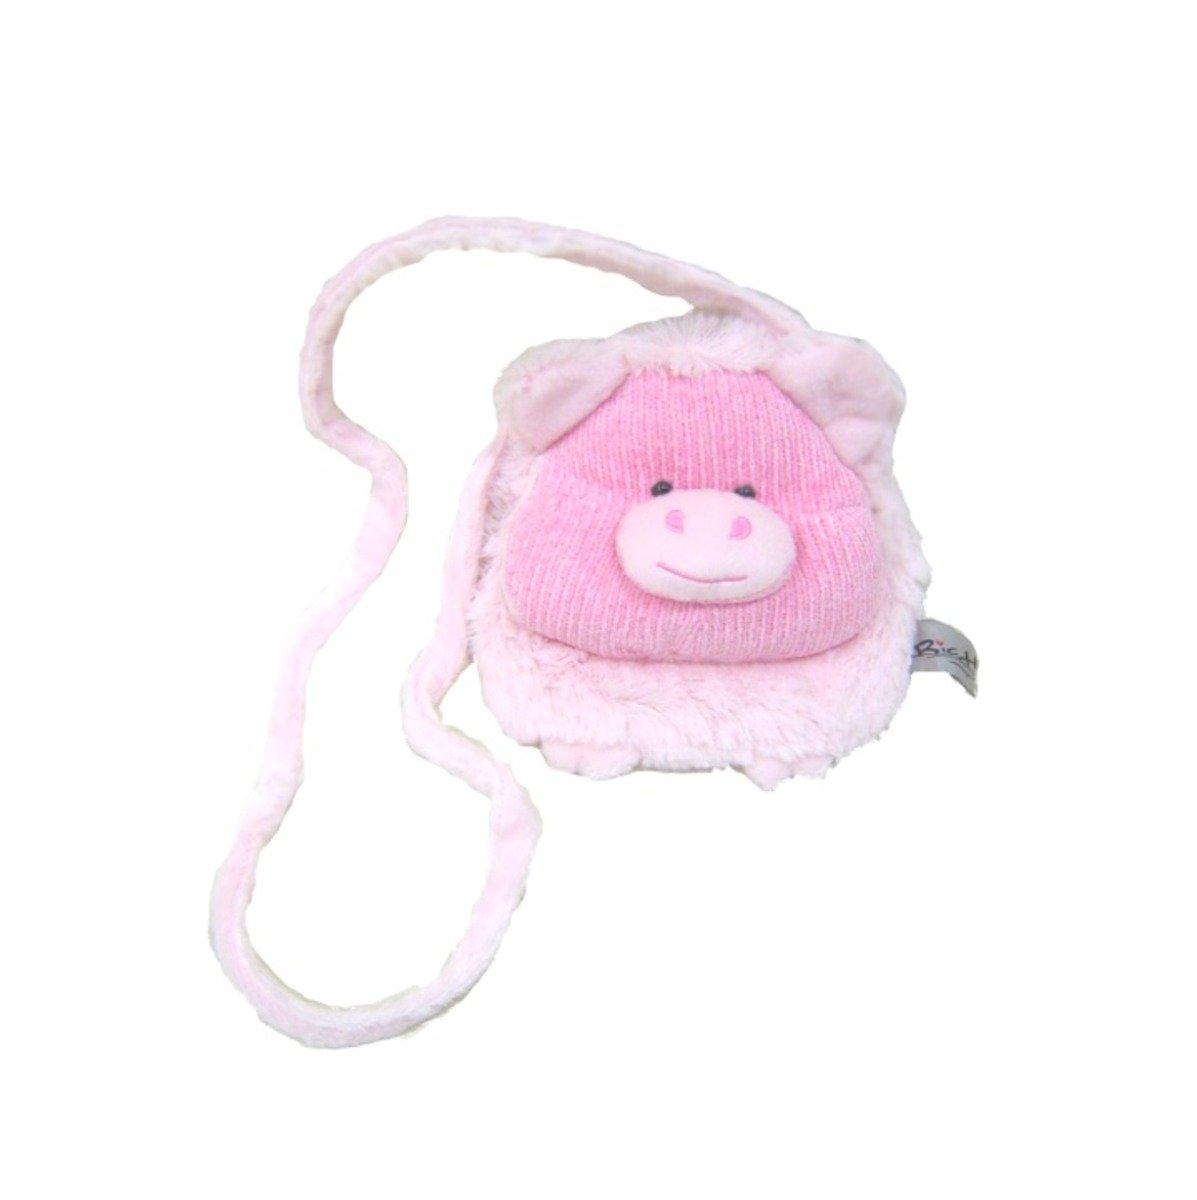 COLOR RICH -  動物造型手袋 - 豬  (19cm) - 20K390